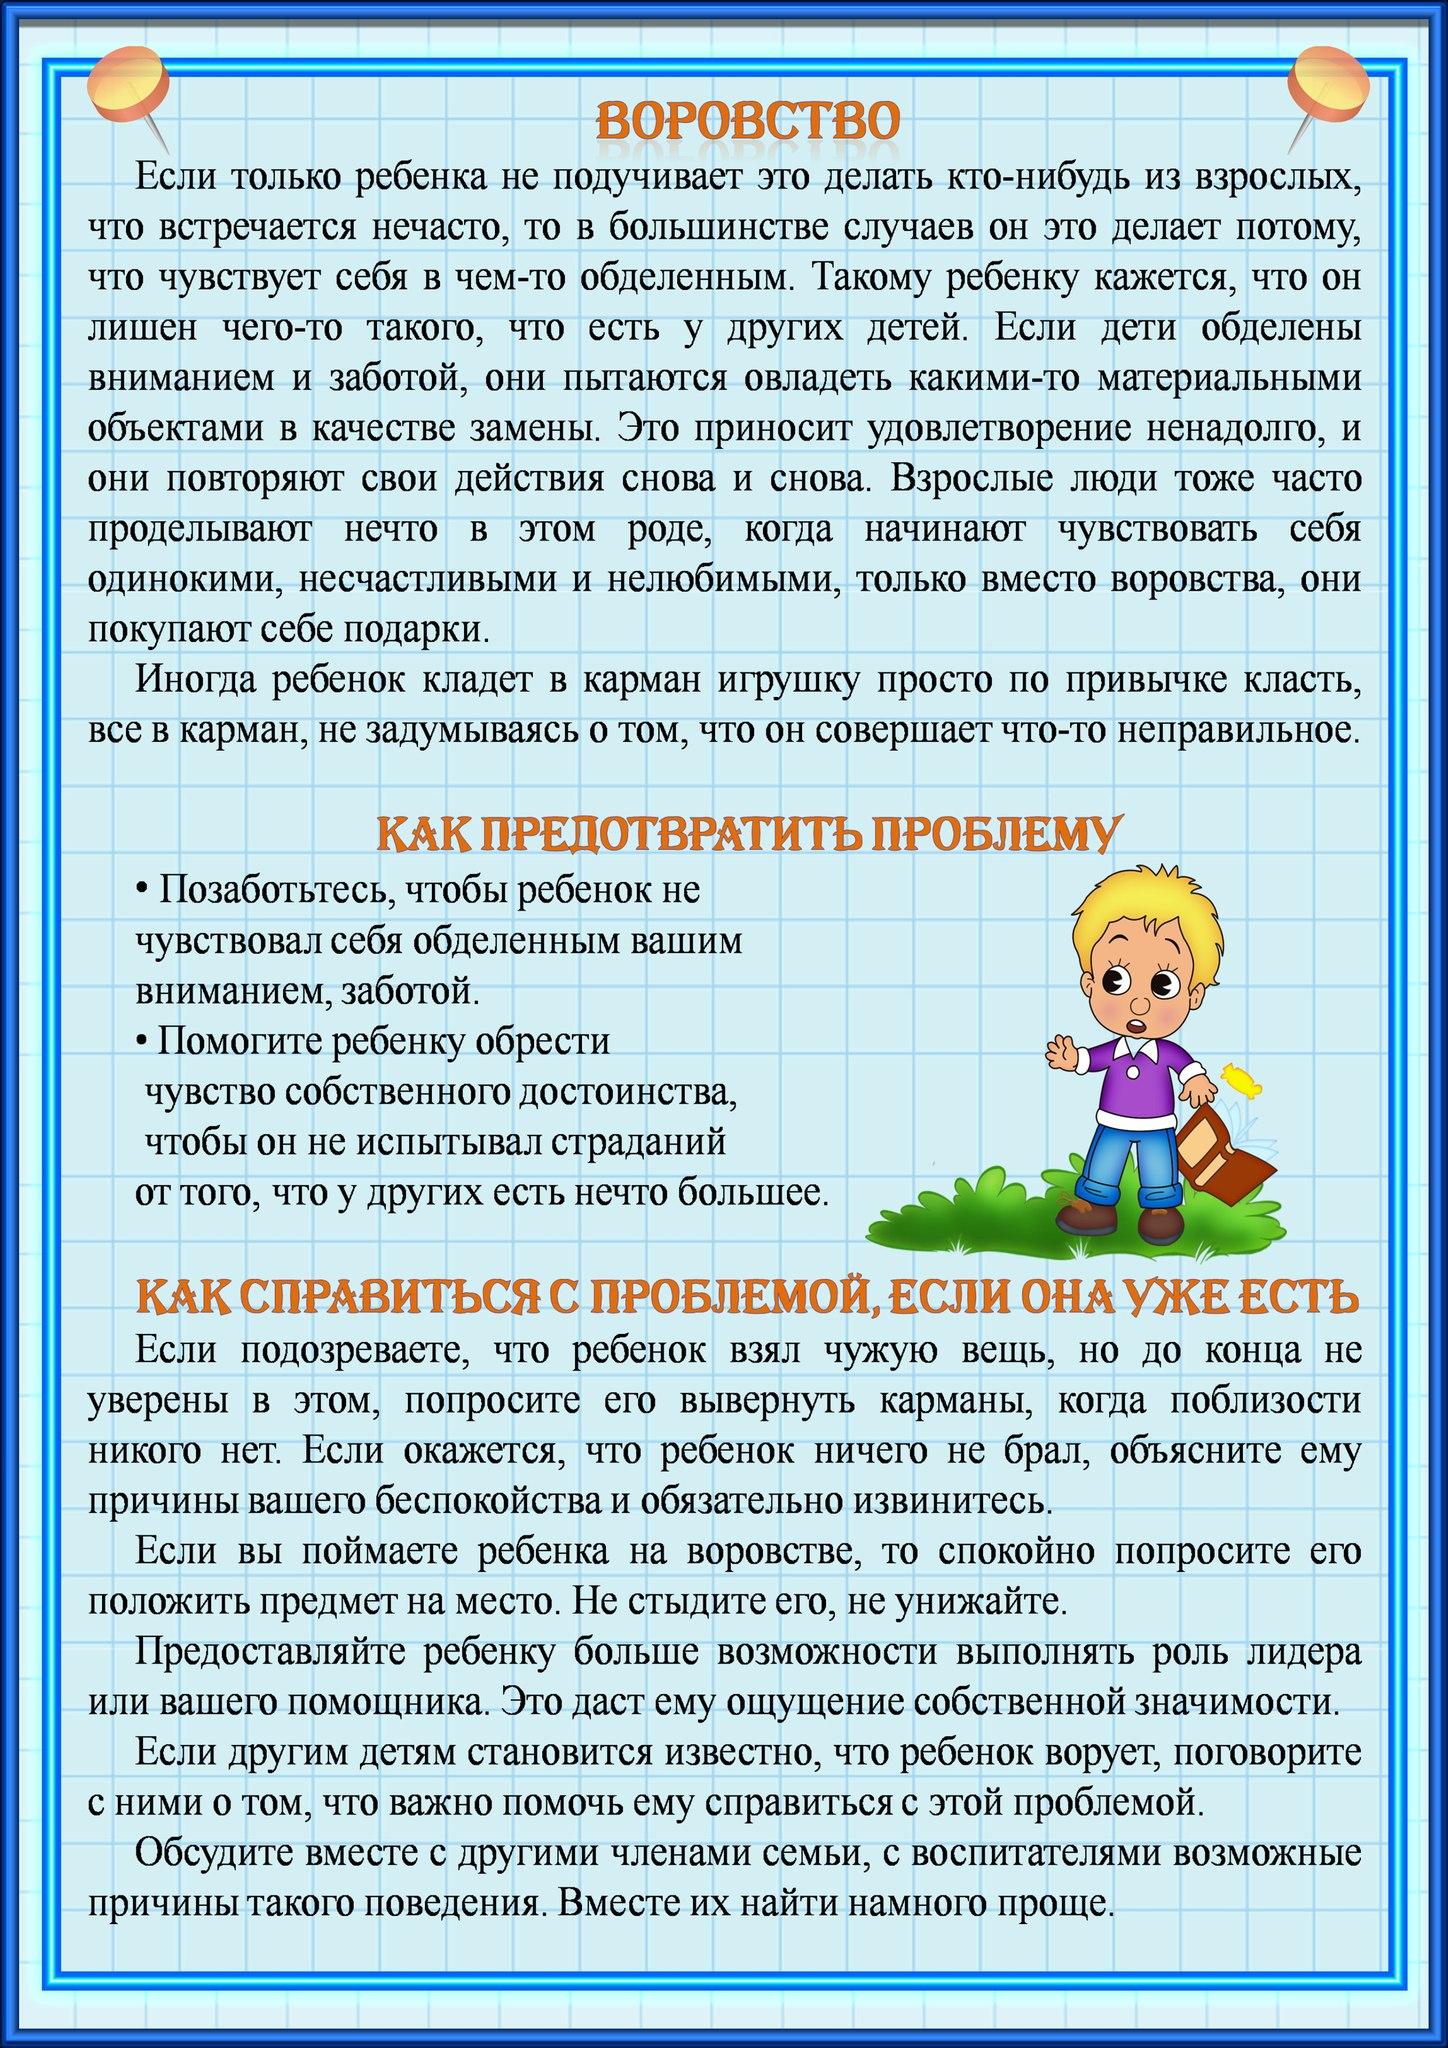 Адаптация к детскому саду: как пережить капризы и плохое поведение ребенка. поведение ребенка в детском саду: как помочь быстрее адаптироваться?